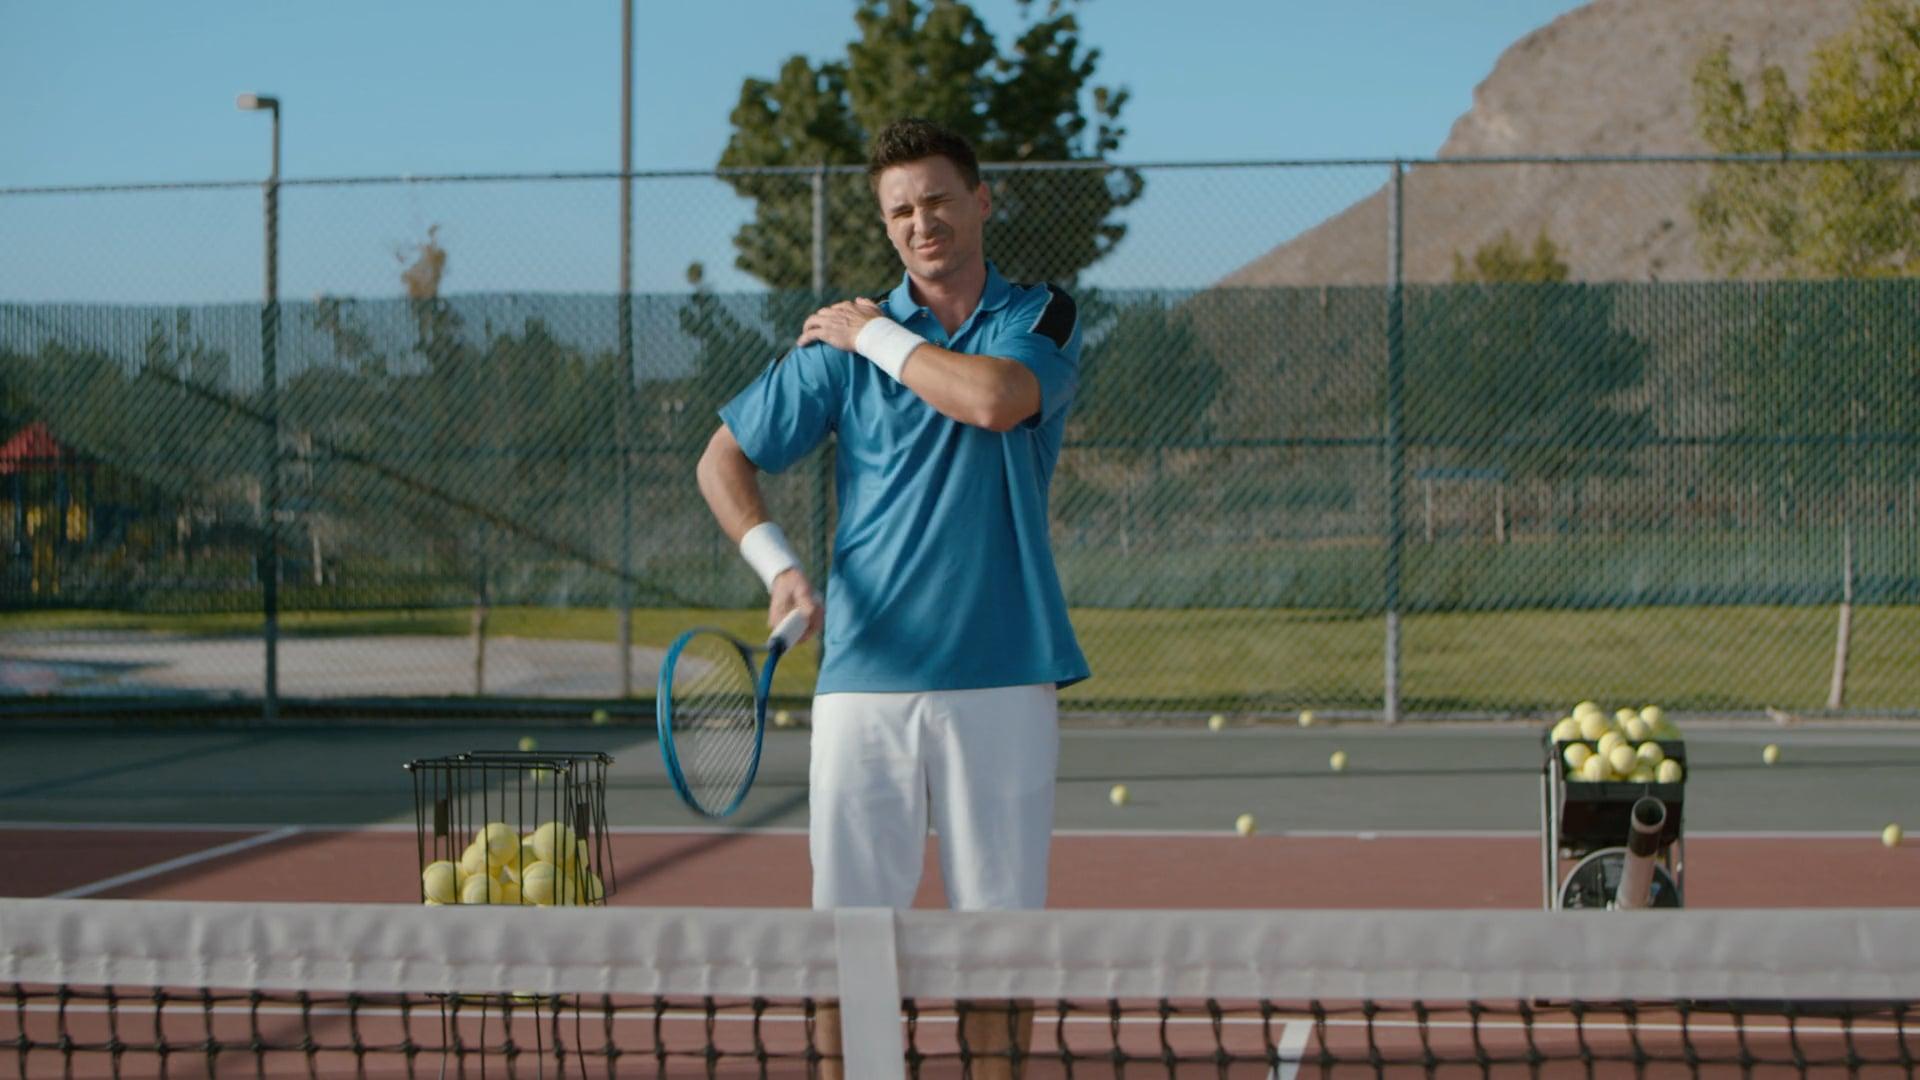 Commercial - UMC Quick Care - Tennis